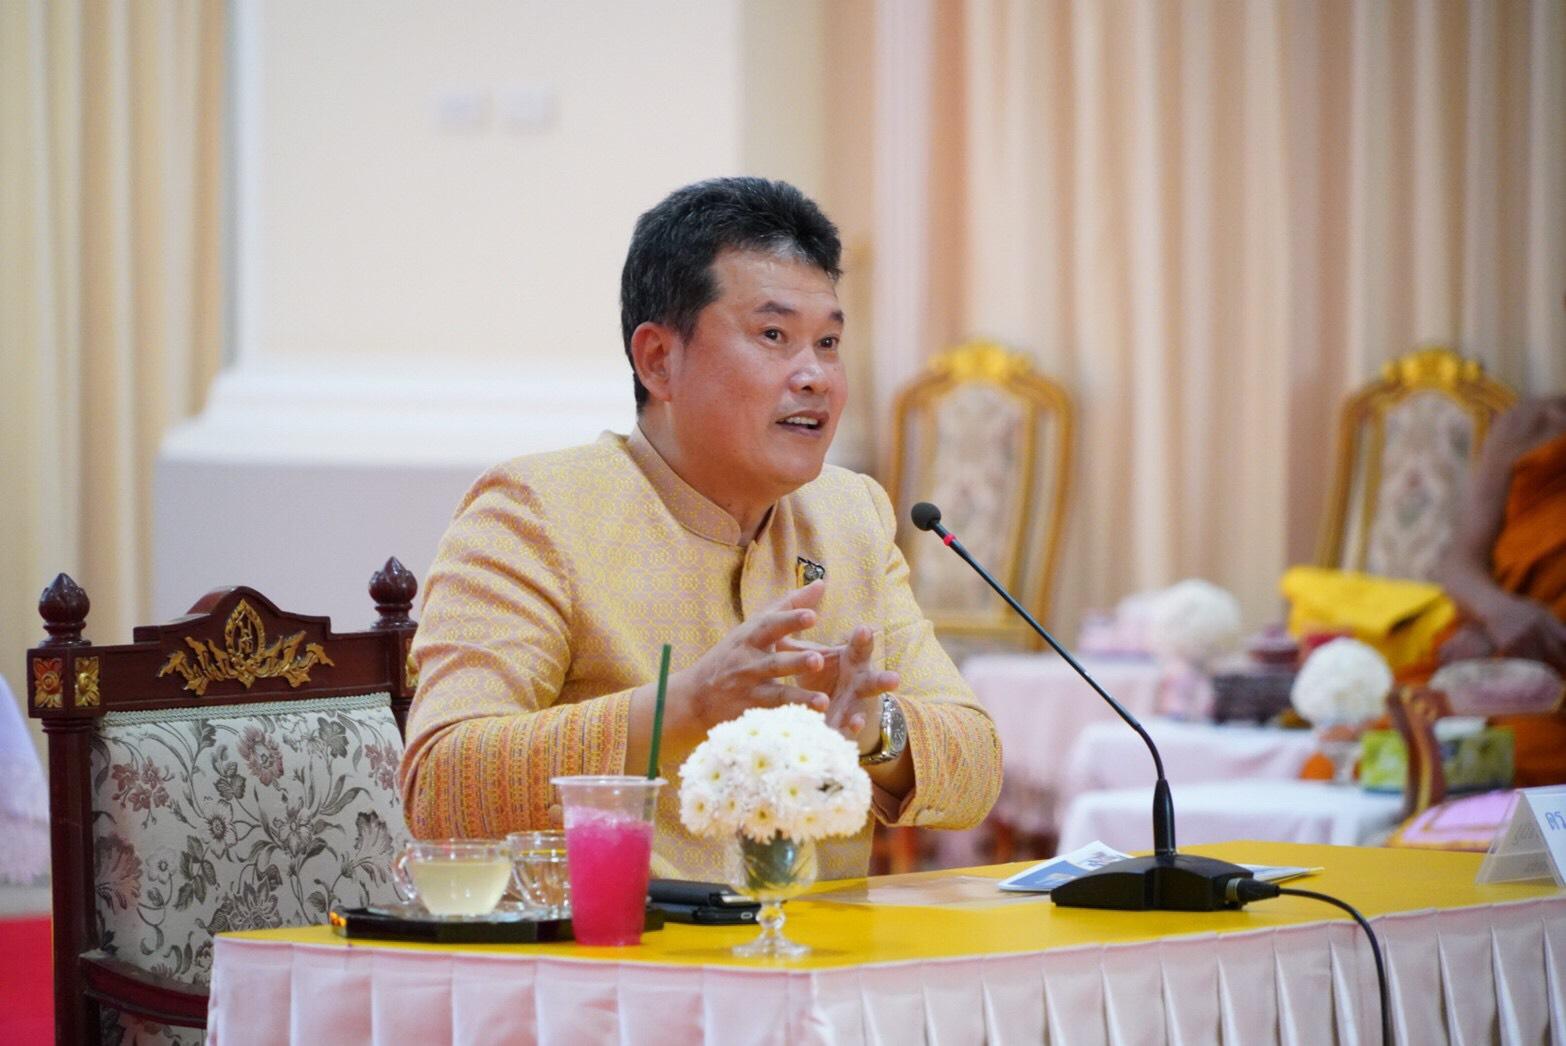 """พช. ชวนคนไทยร่วมอุดหนุน """"ผ้าถิ่นไทย"""" สร้างรายได้สู่ชุมชน"""